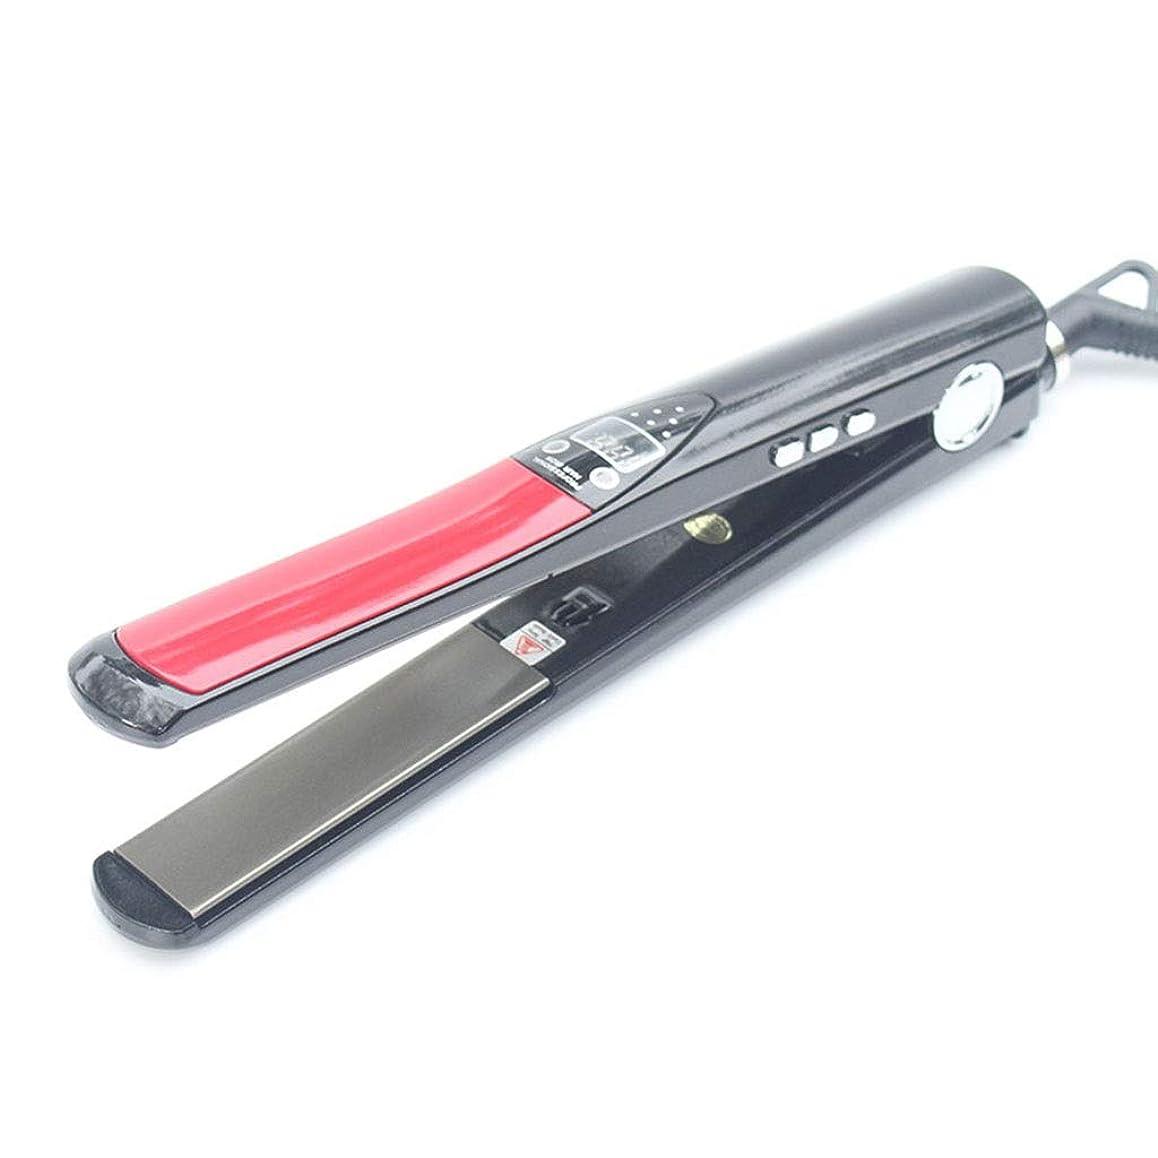 手荷物無限幸福高温デジタルストレートヘアアイロンセラミックイオンスプリントは髪を傷つけない、ストレートヘアカーリングデュアルユースストレートプレート